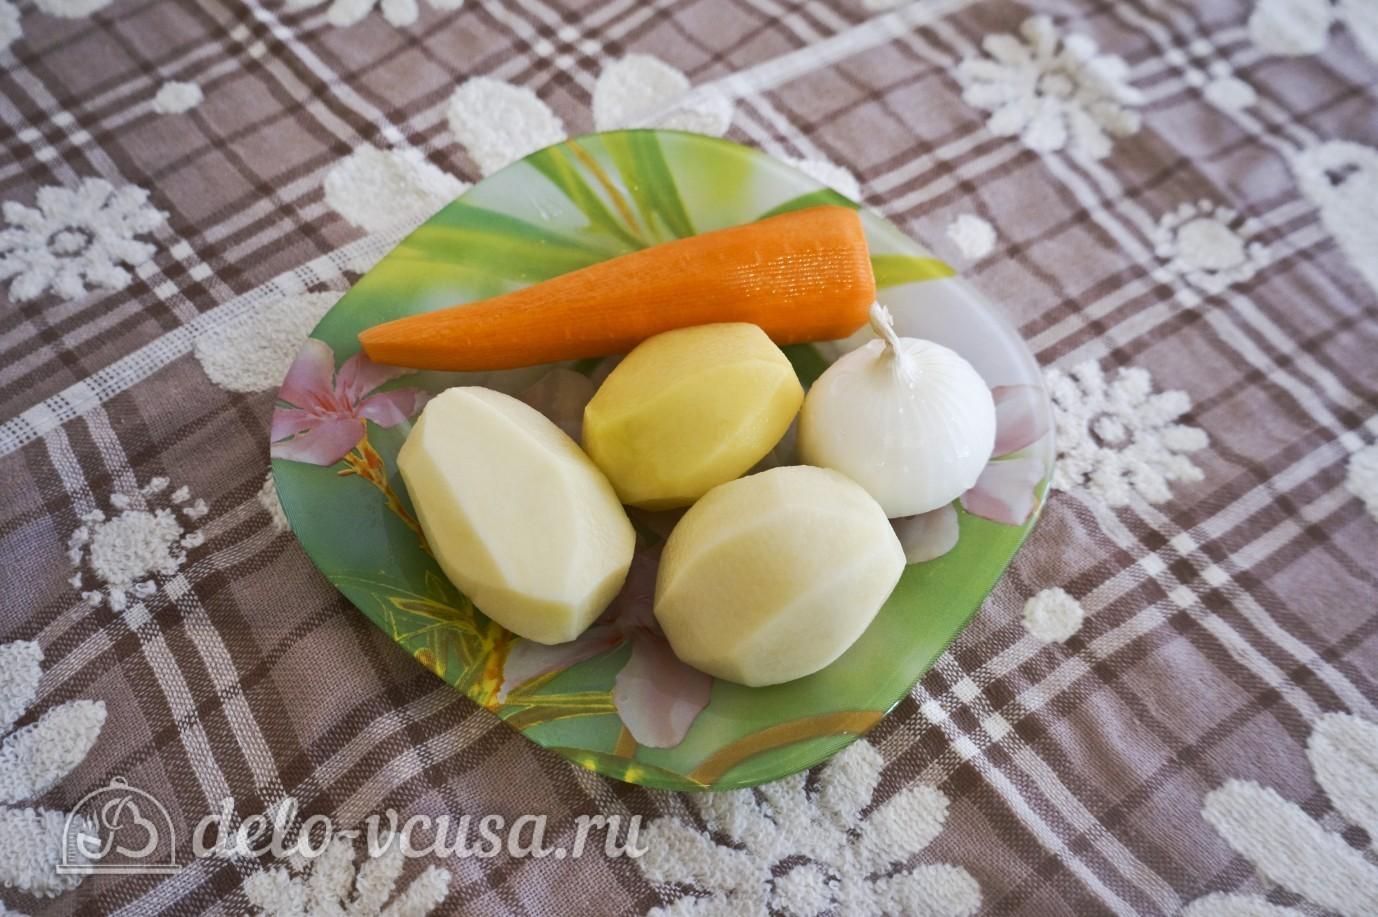 Овощной суп с зеленым горошком: Очистить овощи